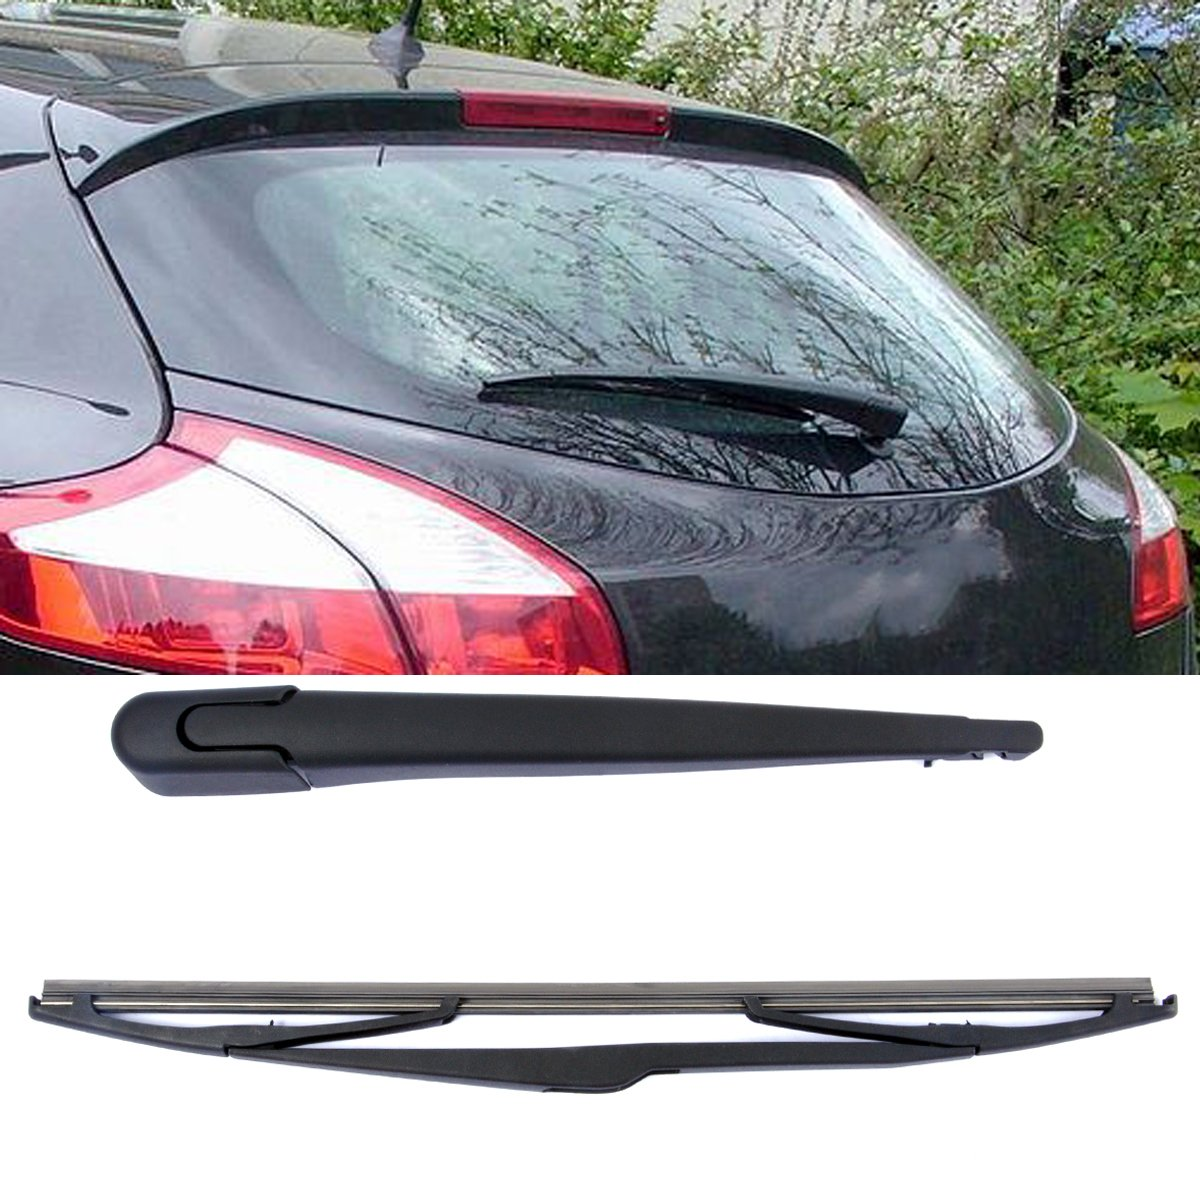 Brazo y Escobilla para limpiaparabrisas trasero (350 mm), color negro, 2 unidades